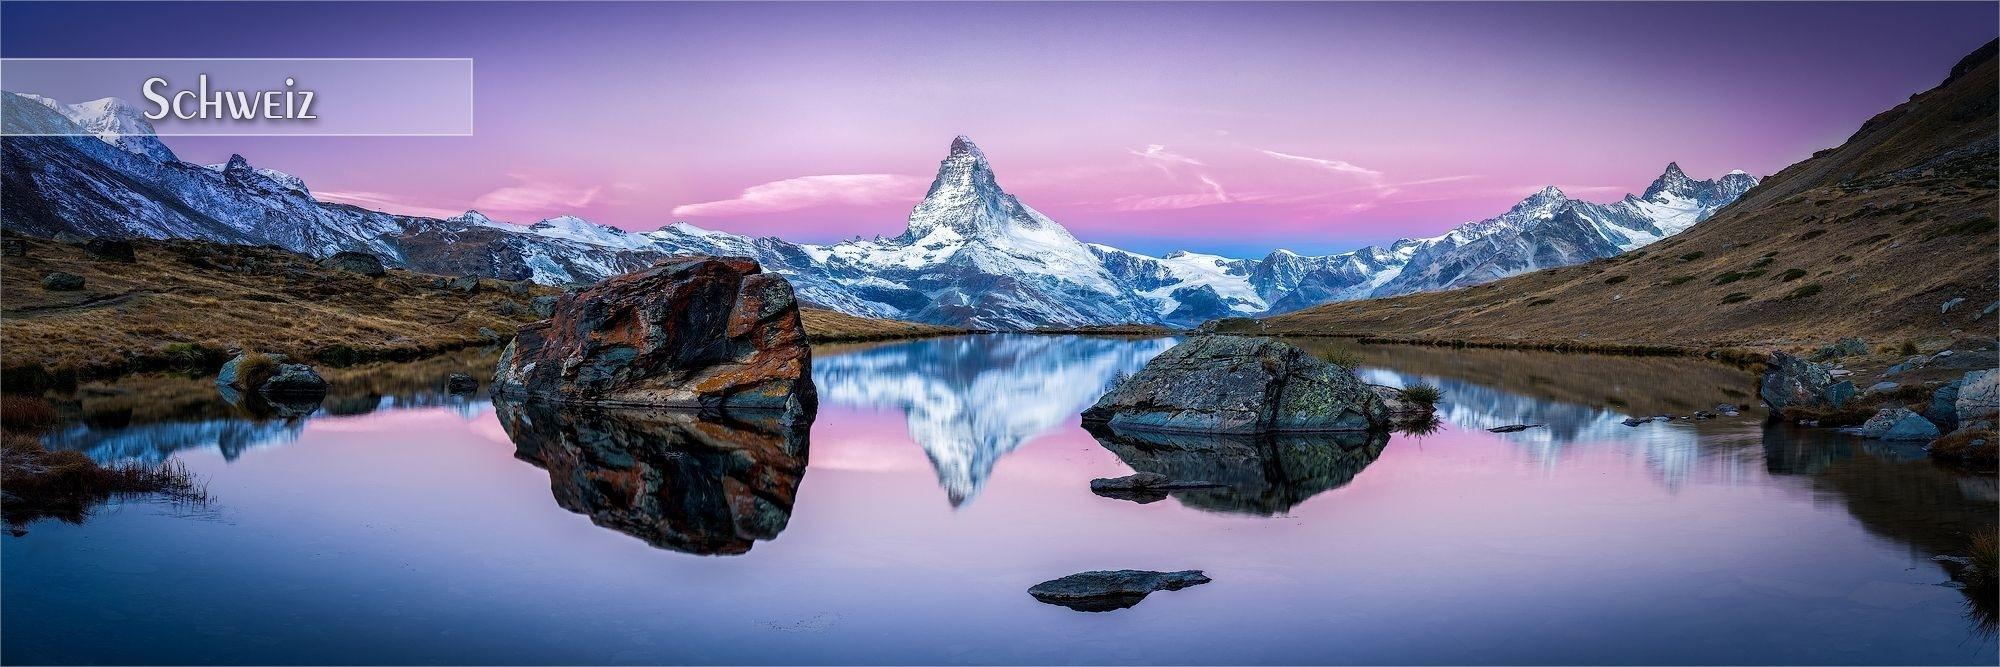 Bilder als Wandbild oder Küchenrückwand aus der Schweiz